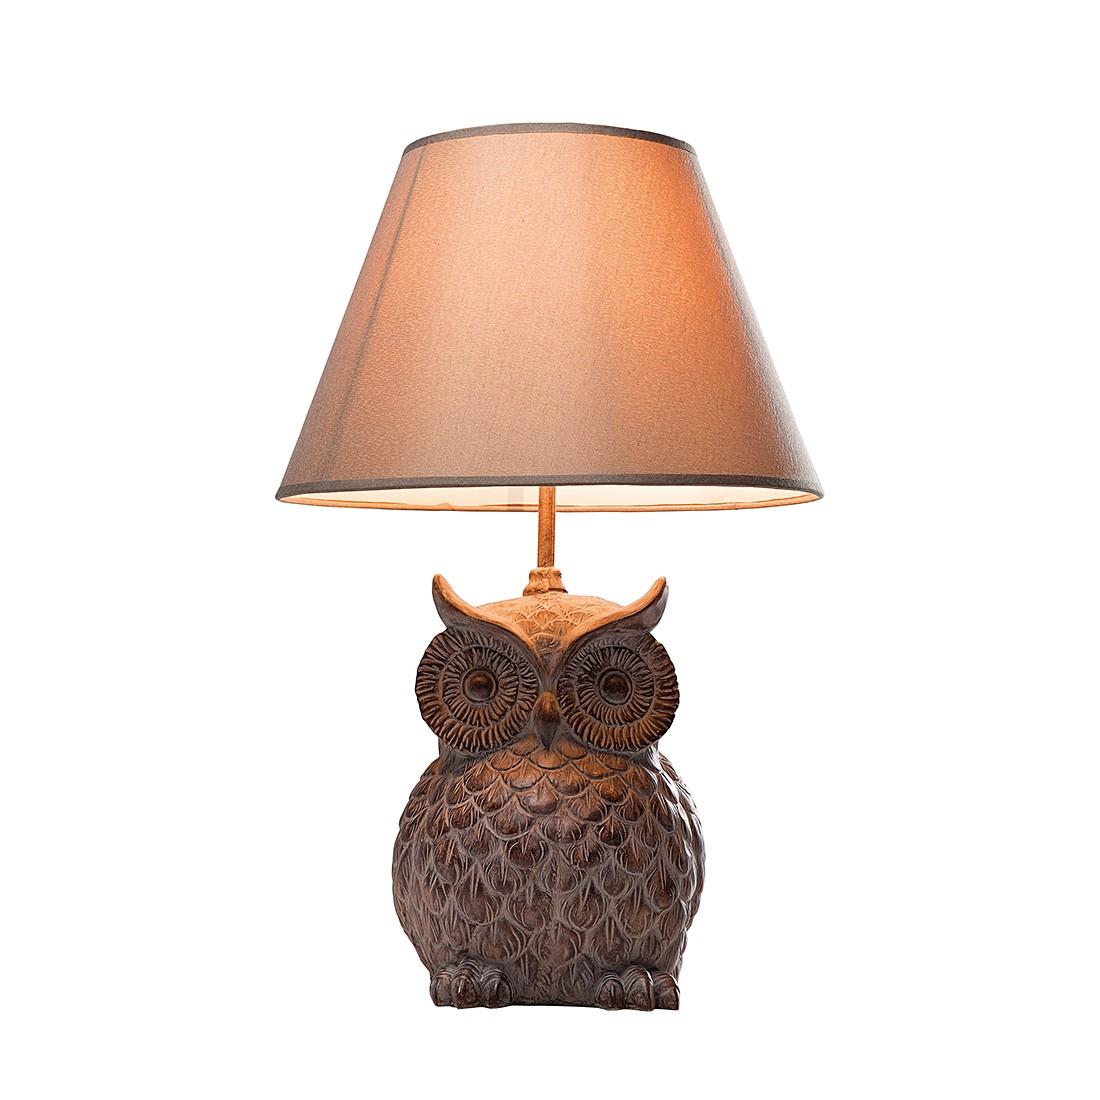 eek a tischleuchte owl grau braun kare design jetzt kaufen. Black Bedroom Furniture Sets. Home Design Ideas